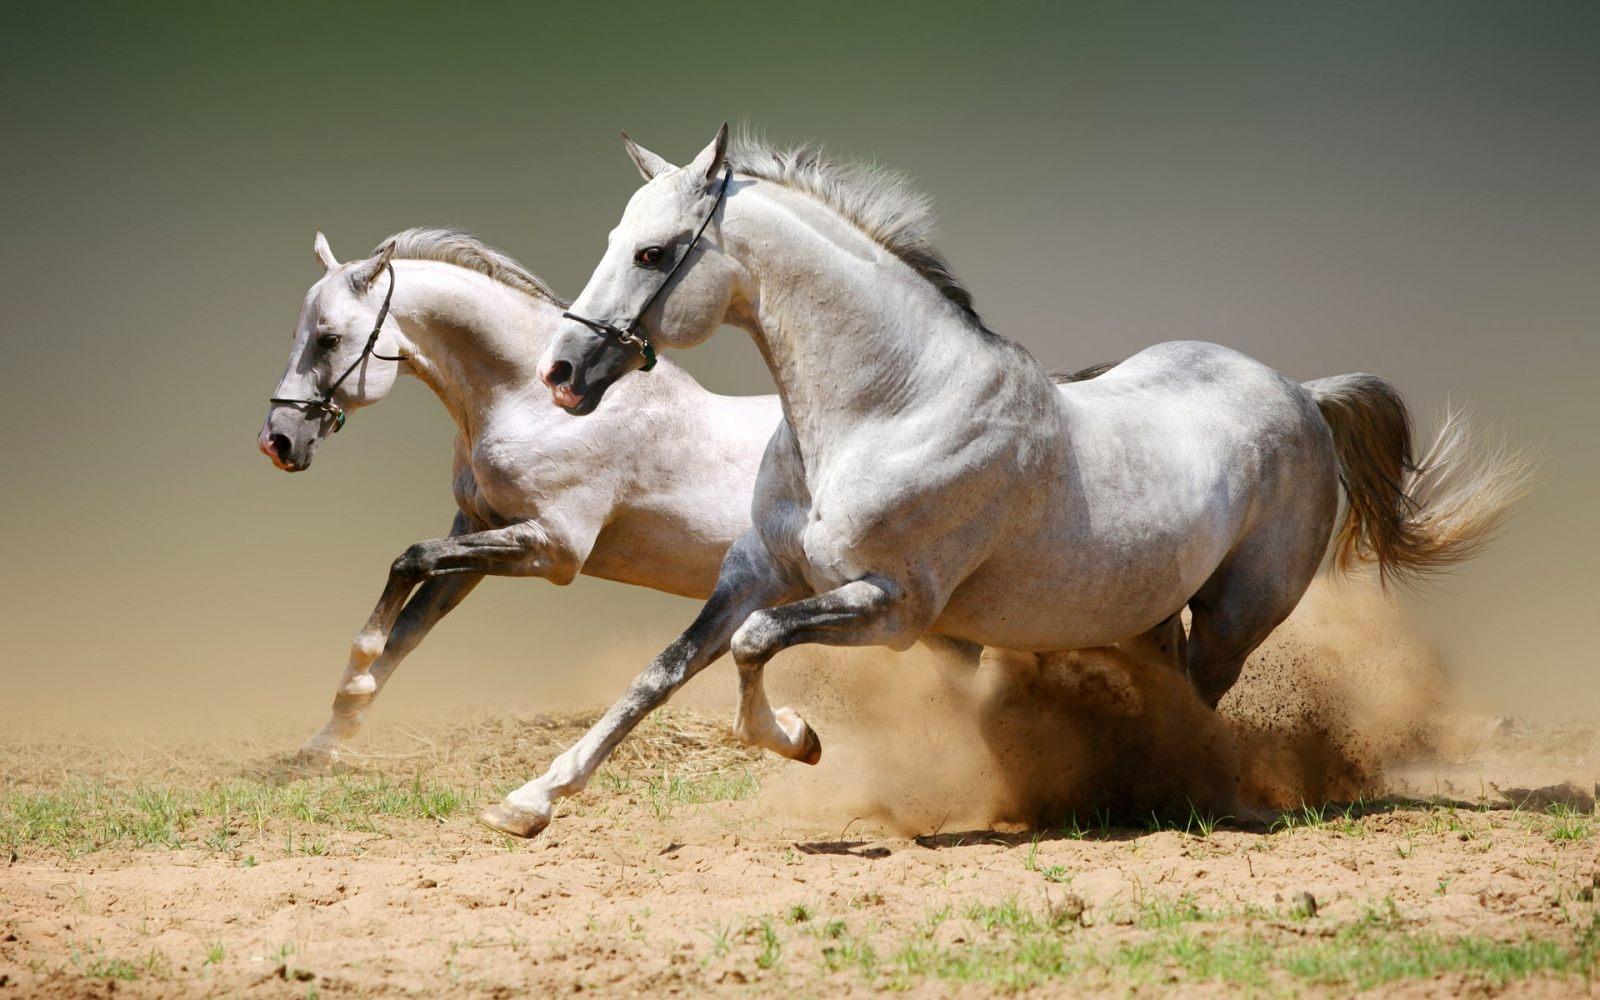 https://i2.wp.com/cavalos.animais.info/Imagens/cavalos-arabe.jpg